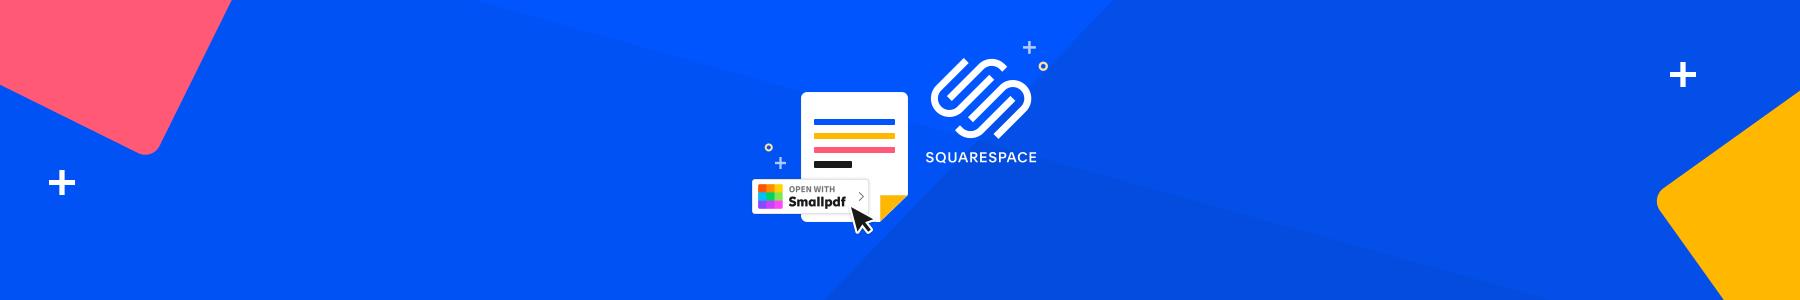 incorporare-pdf-squarespace@2x